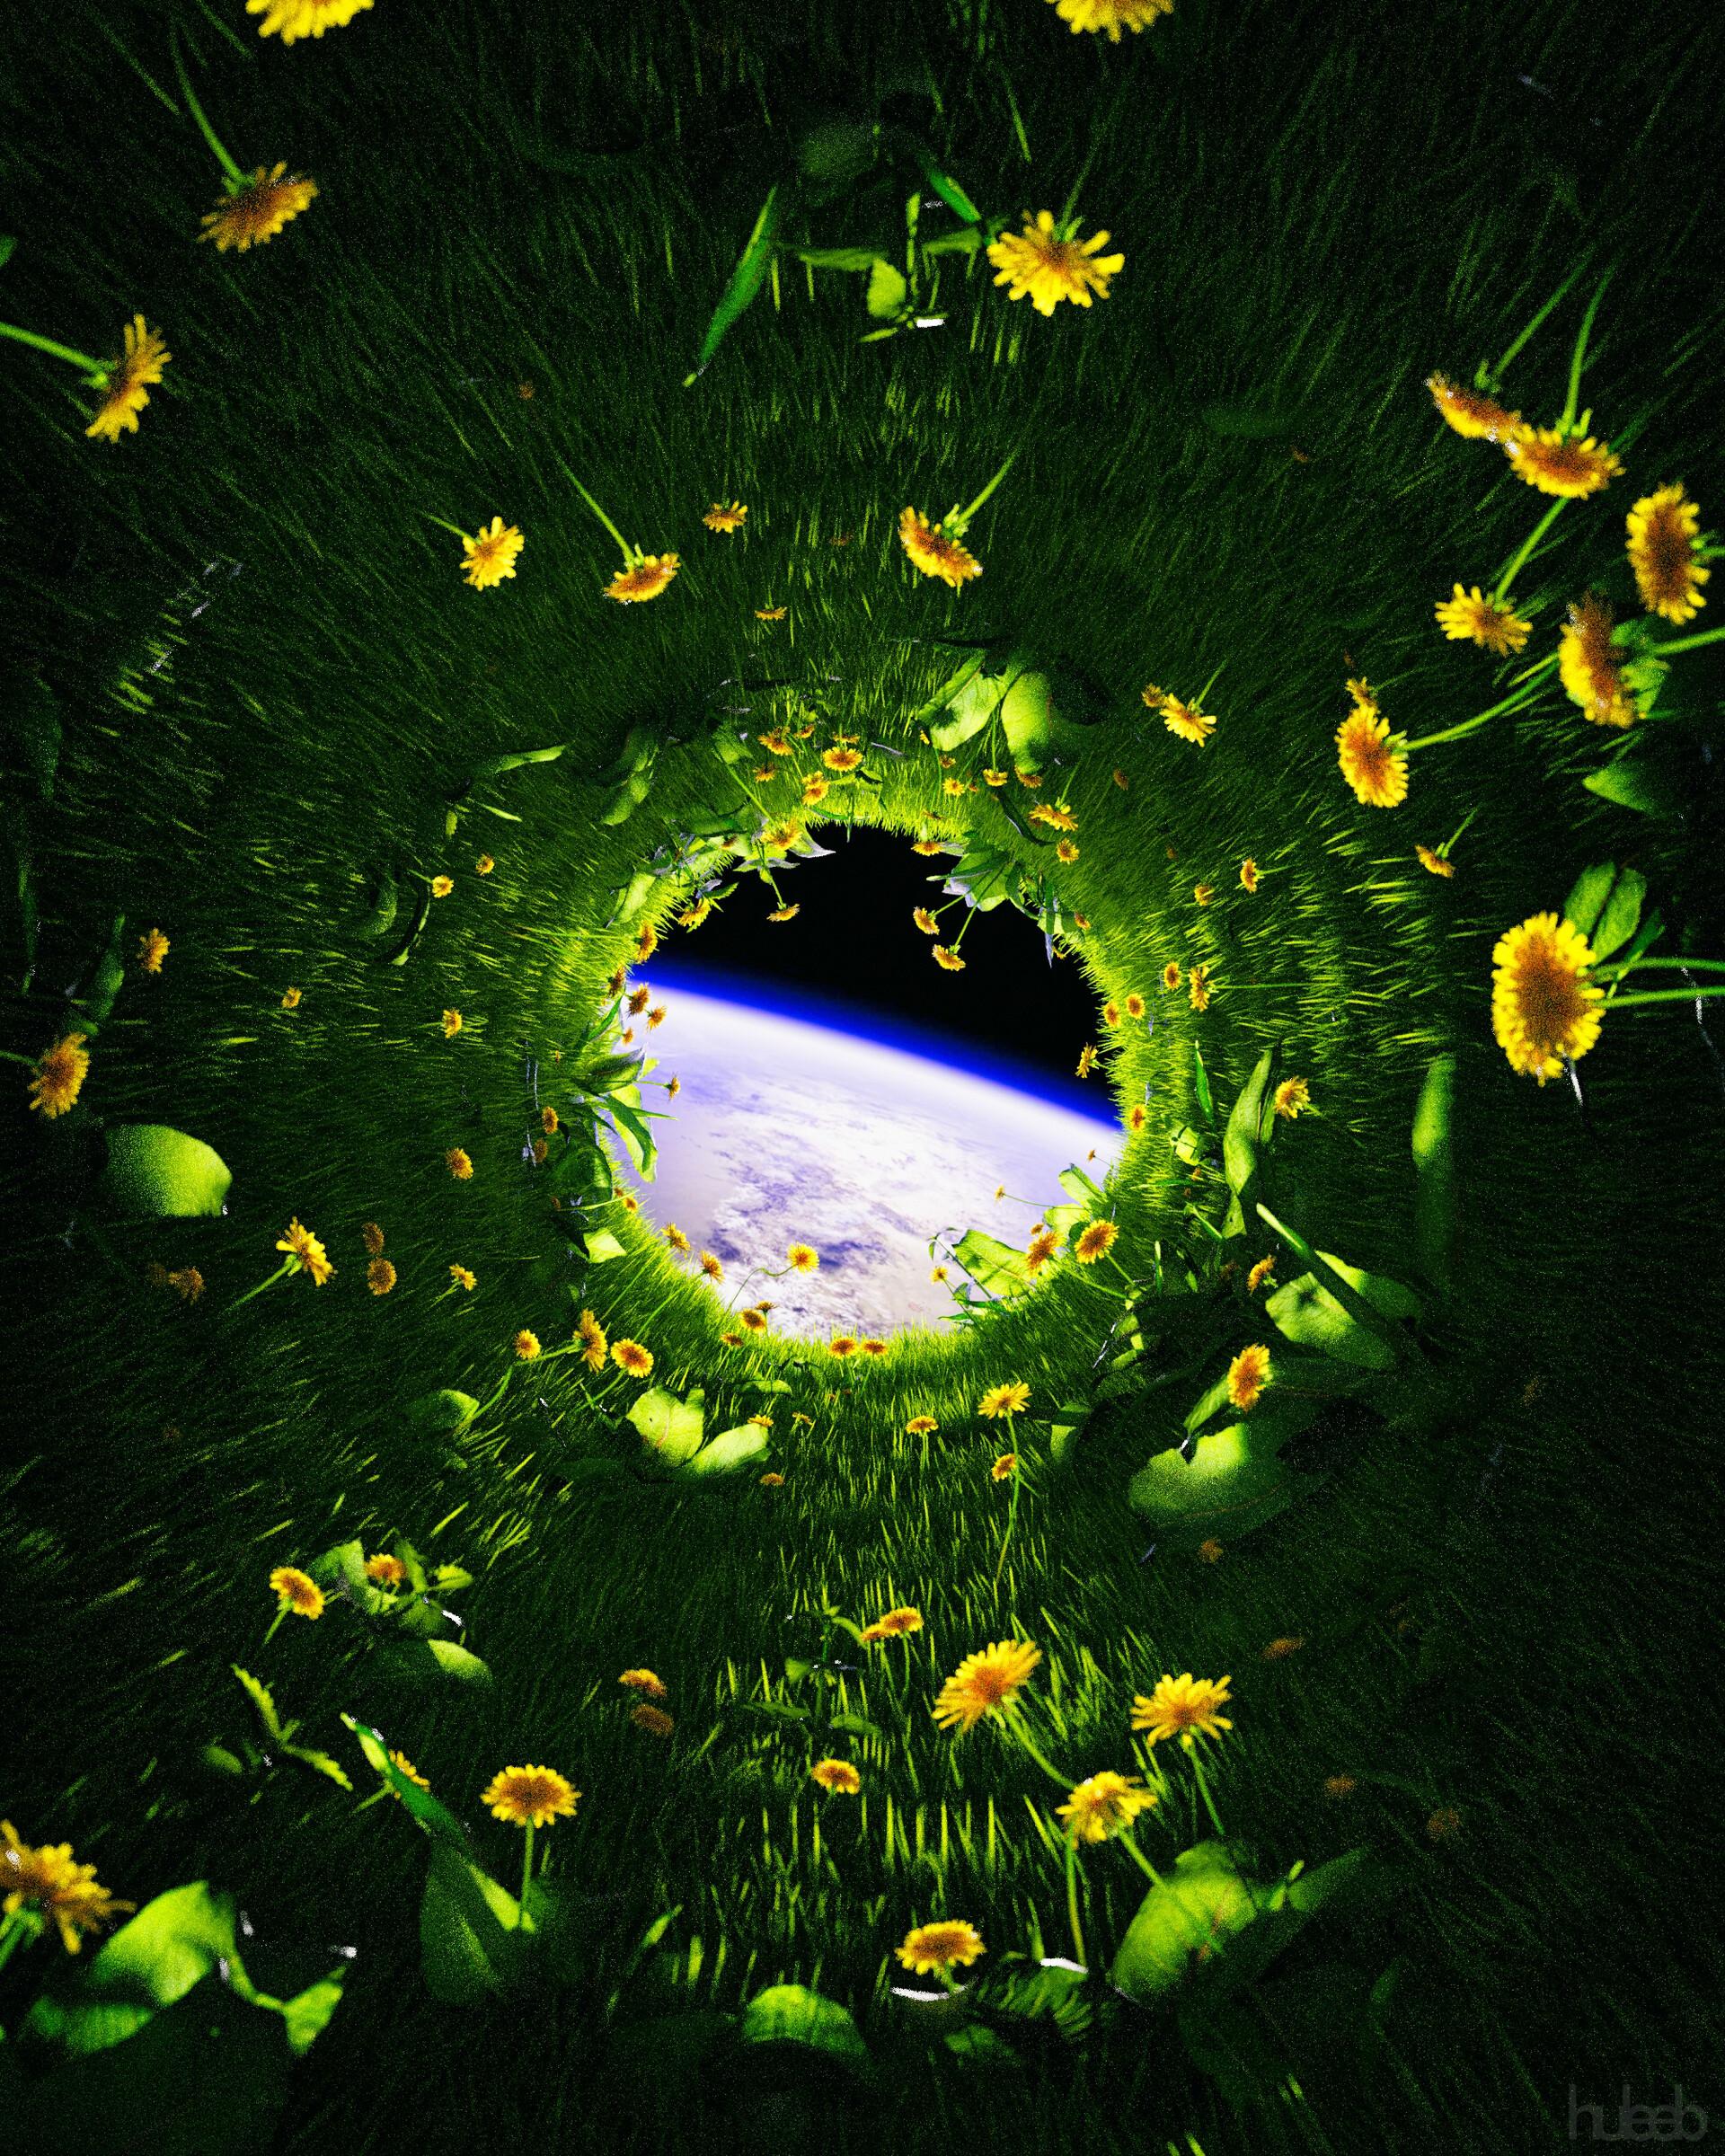 135207 скачать обои Одуванчики, Цветы, Трава, Космос, Разное, Земля - заставки и картинки бесплатно